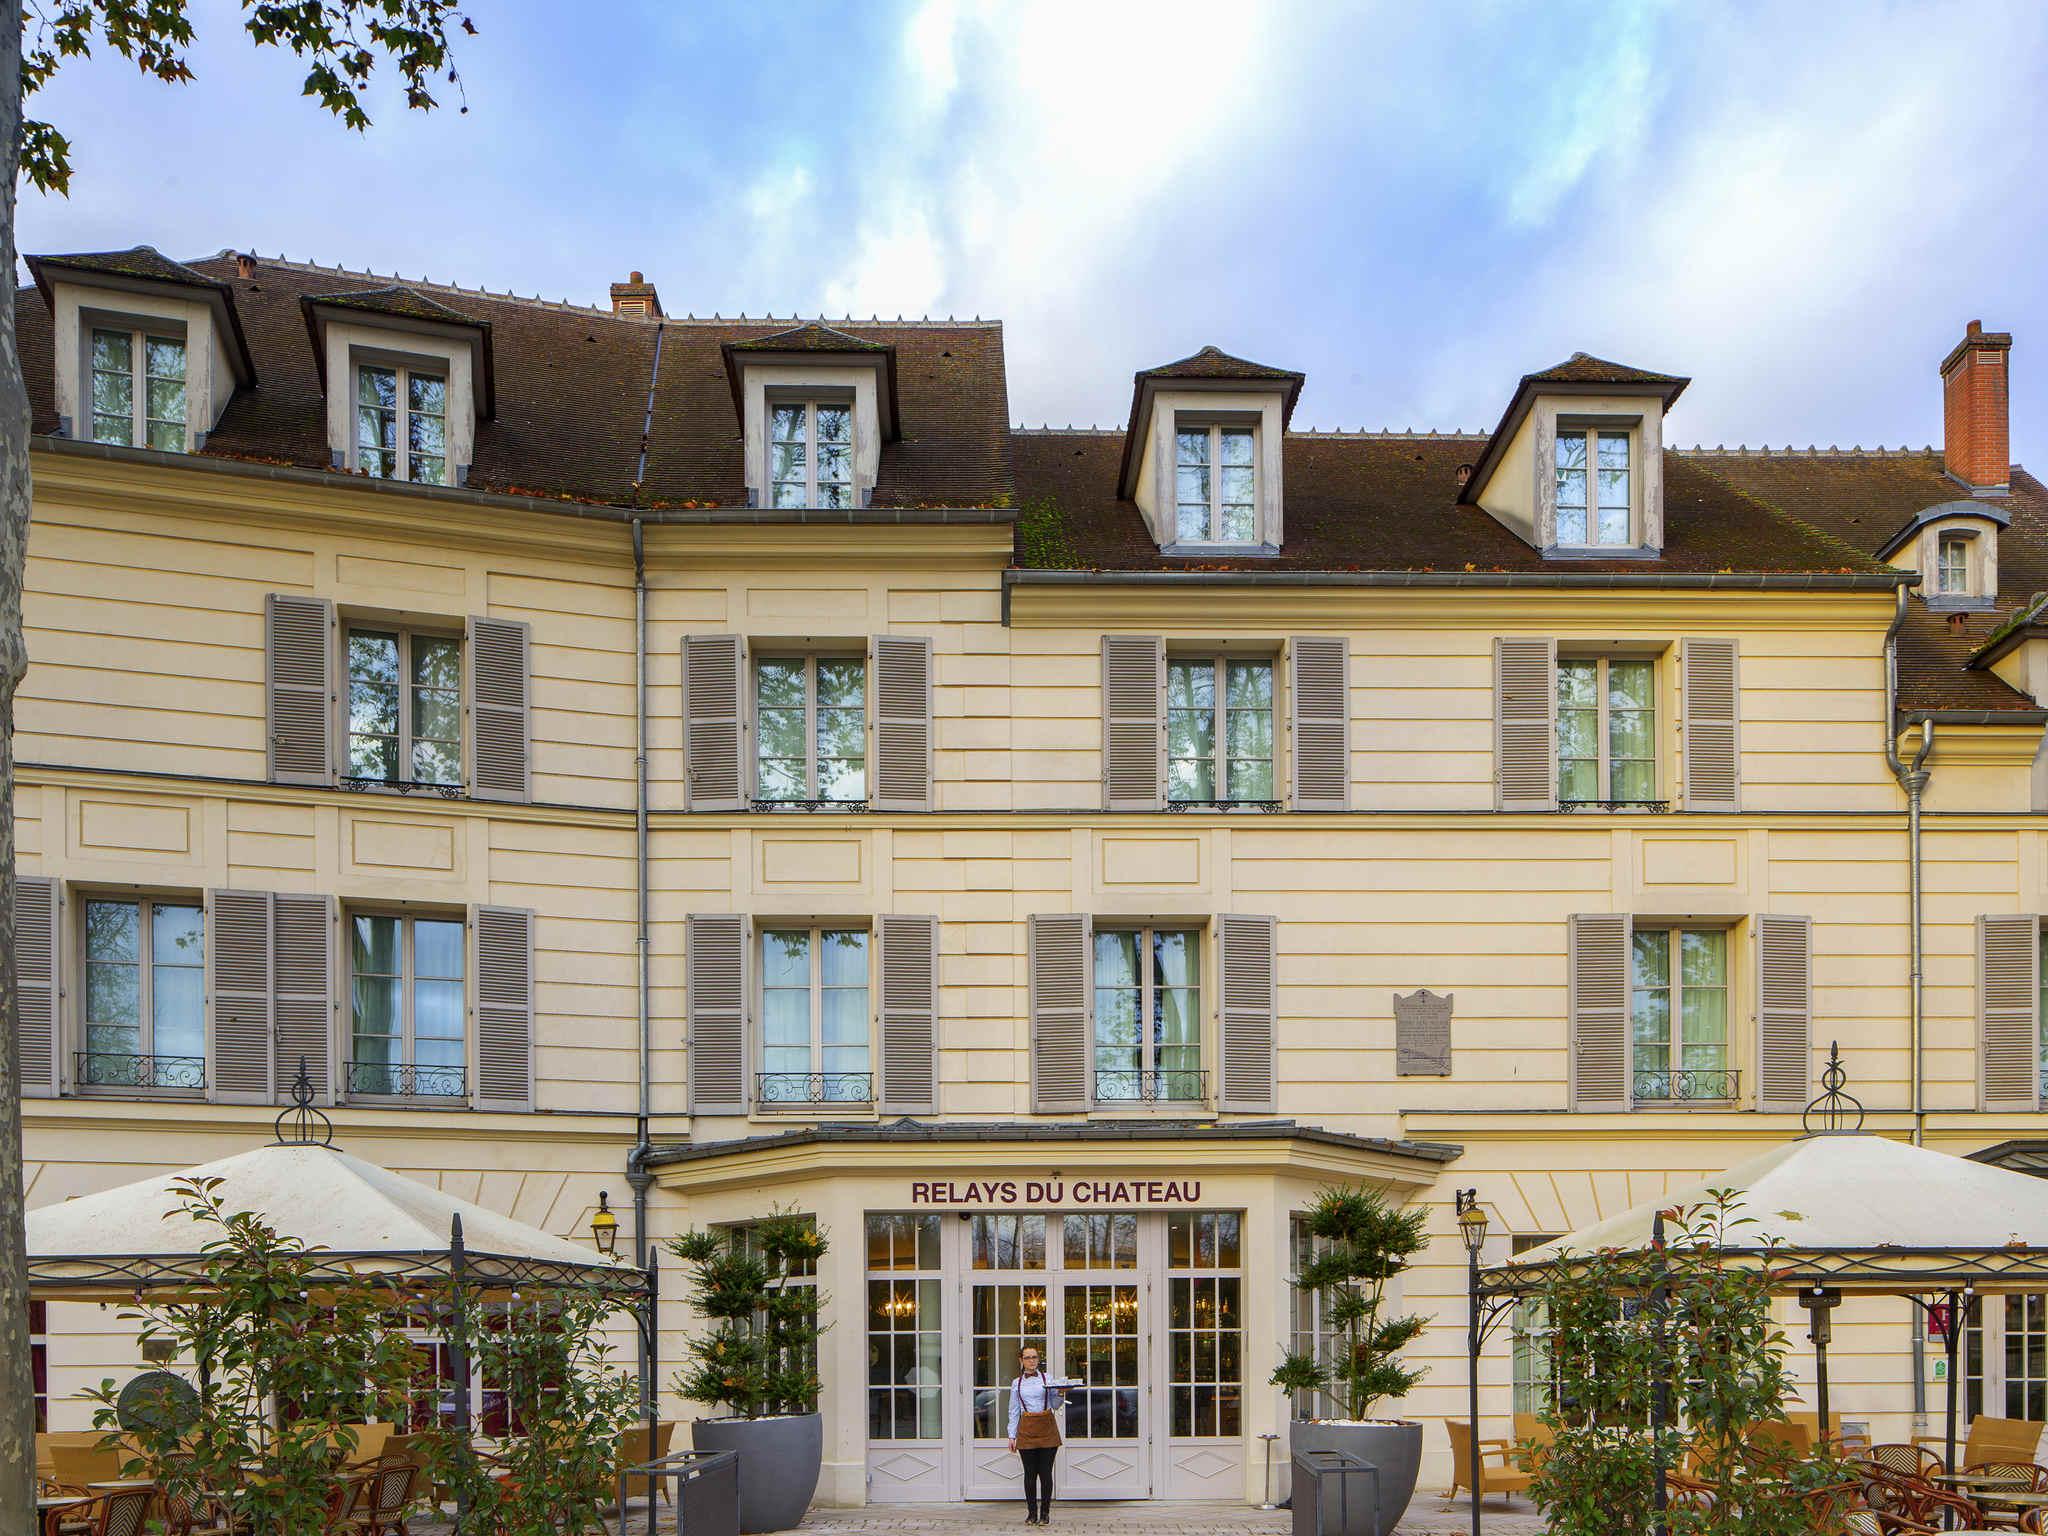 โรงแรม – Hôtel Mercure Rambouillet Relays du Château